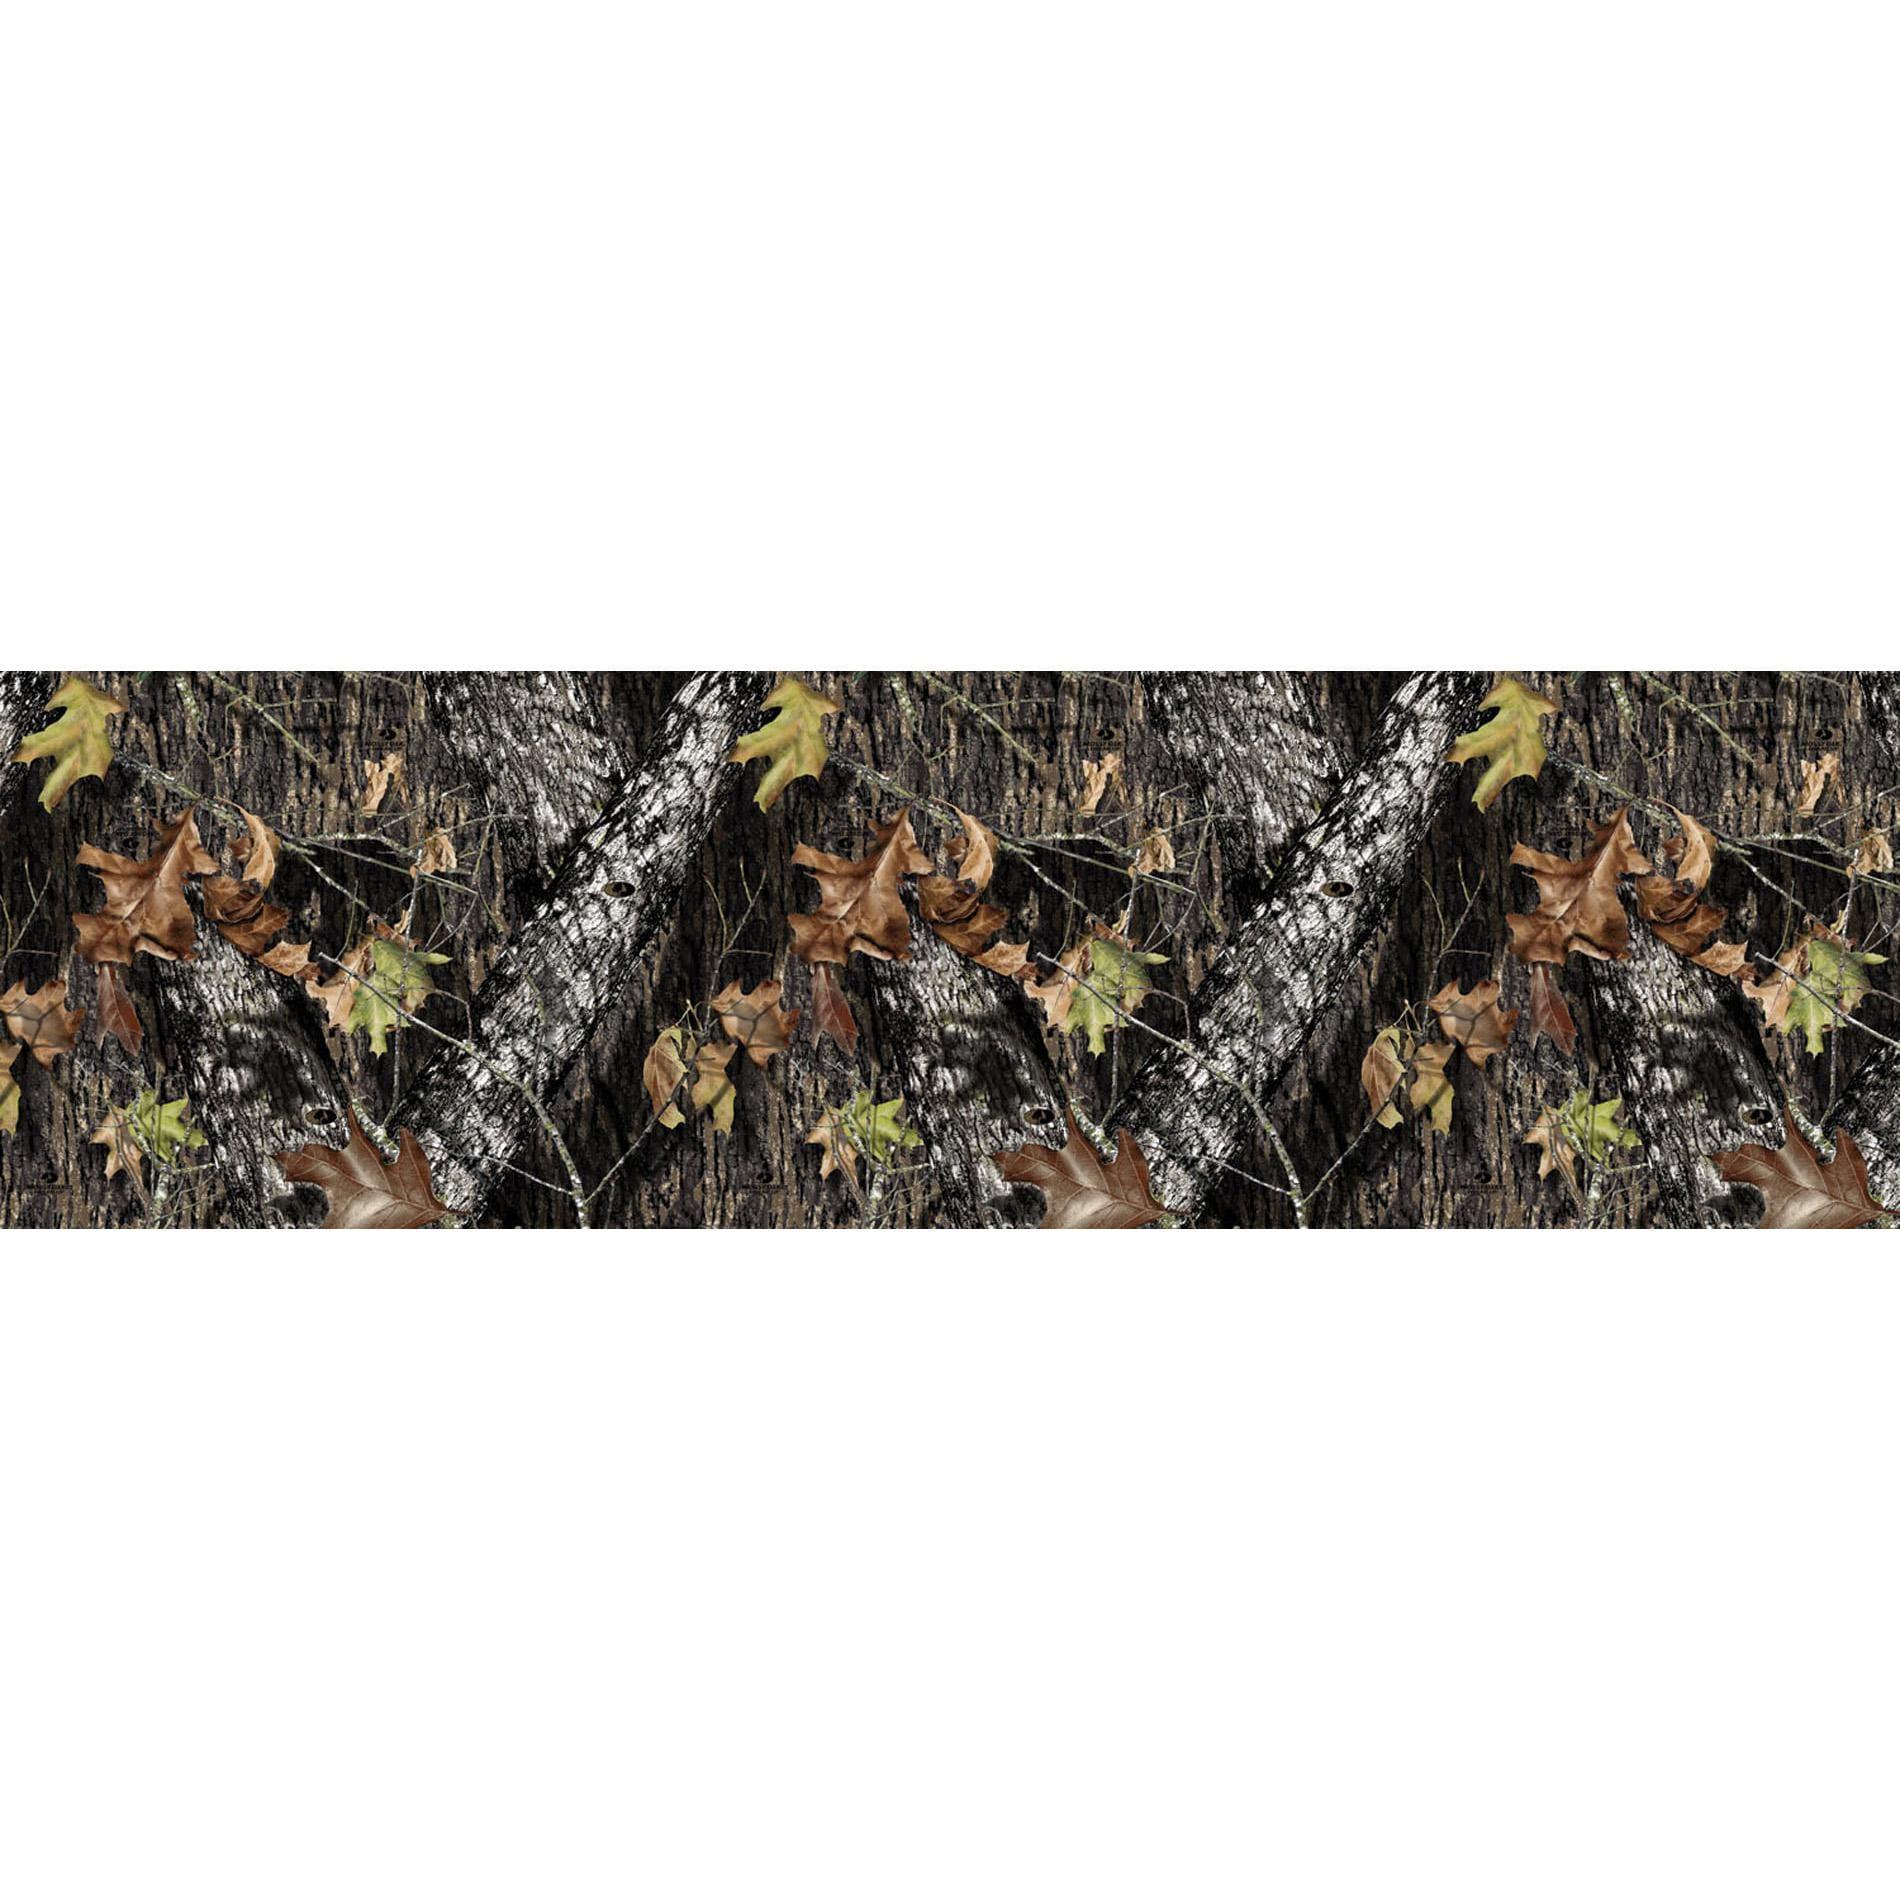 Mossy Oak Break-up Infinity Camo Full Size Rear Window Graphic - Thumbnail 1